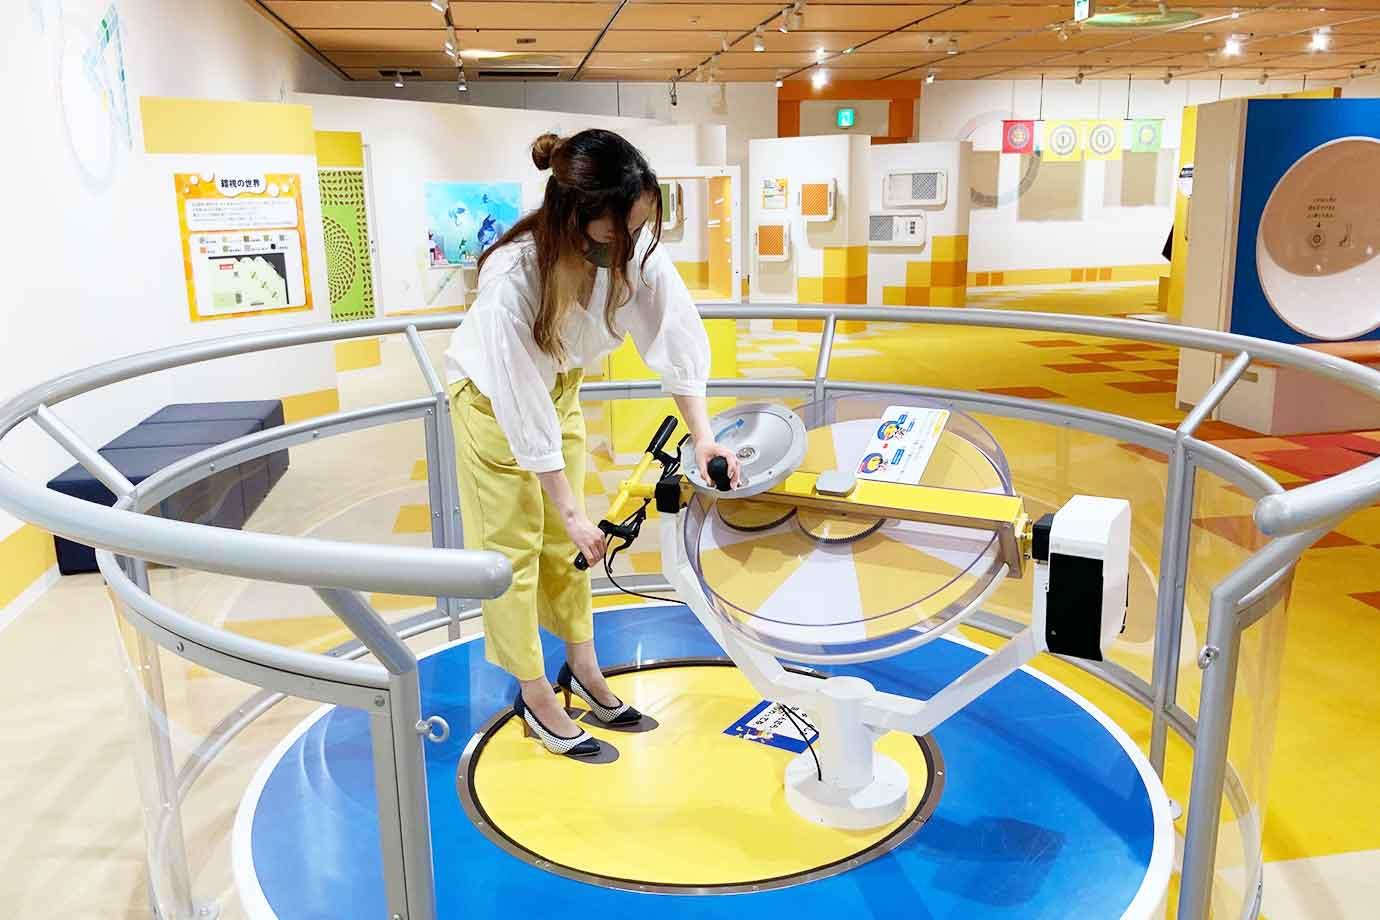 小学生以上の子どもなら、ジャイロ効果体験装置に挑戦!回転させた円盤を持って台に立ち円盤を傾けると、台に乗った体ごと回ってしまうのです